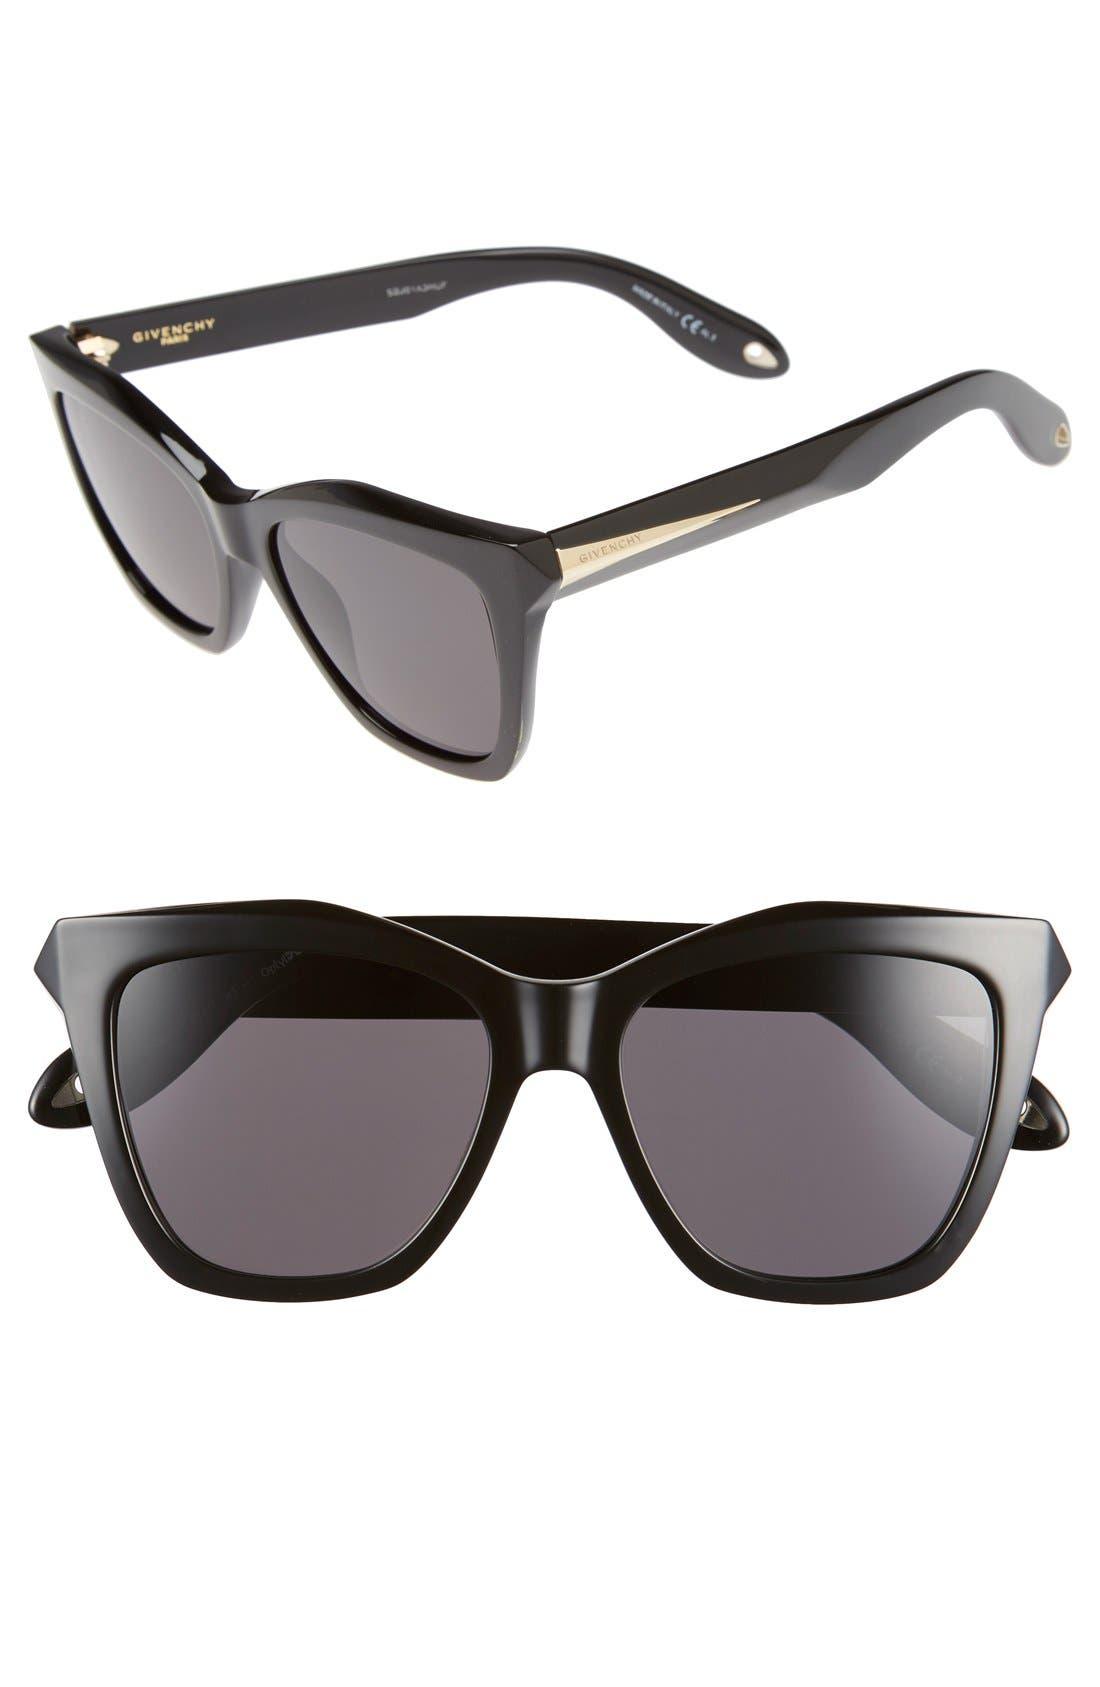 GIVENCHY, 53mm Cat Eye Sunglasses, Main thumbnail 1, color, 001